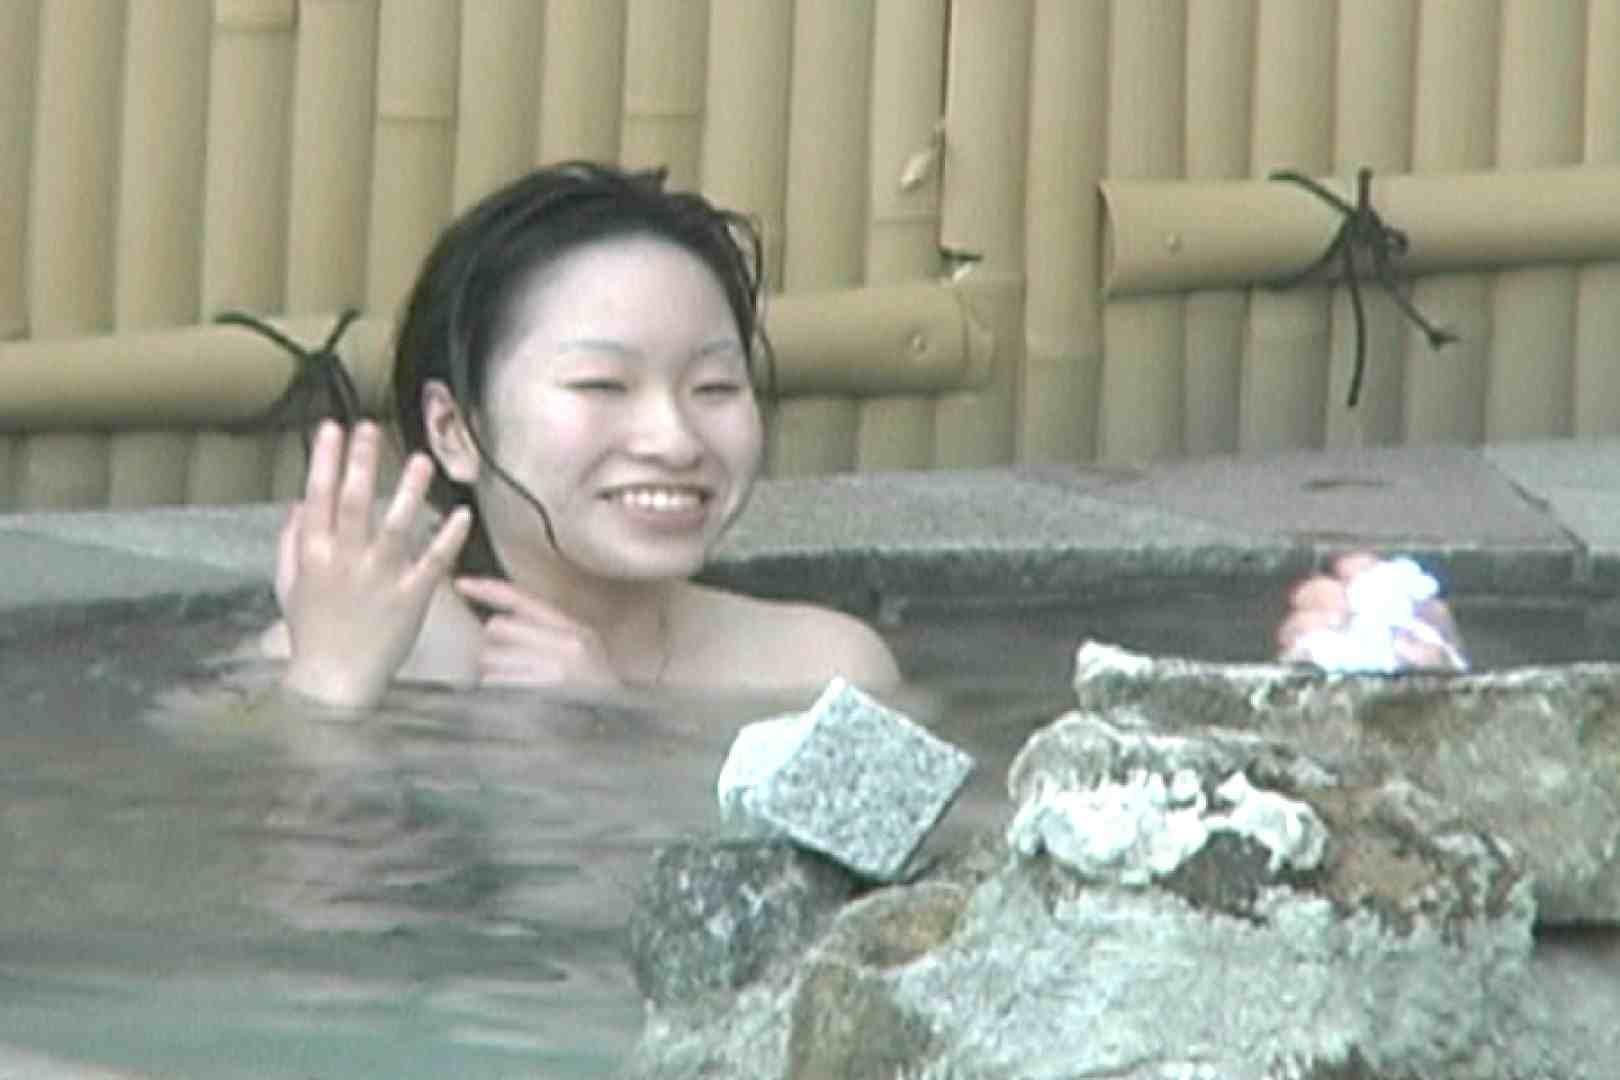 Aquaな露天風呂Vol.595 露天 | 盗撮  112枚 85